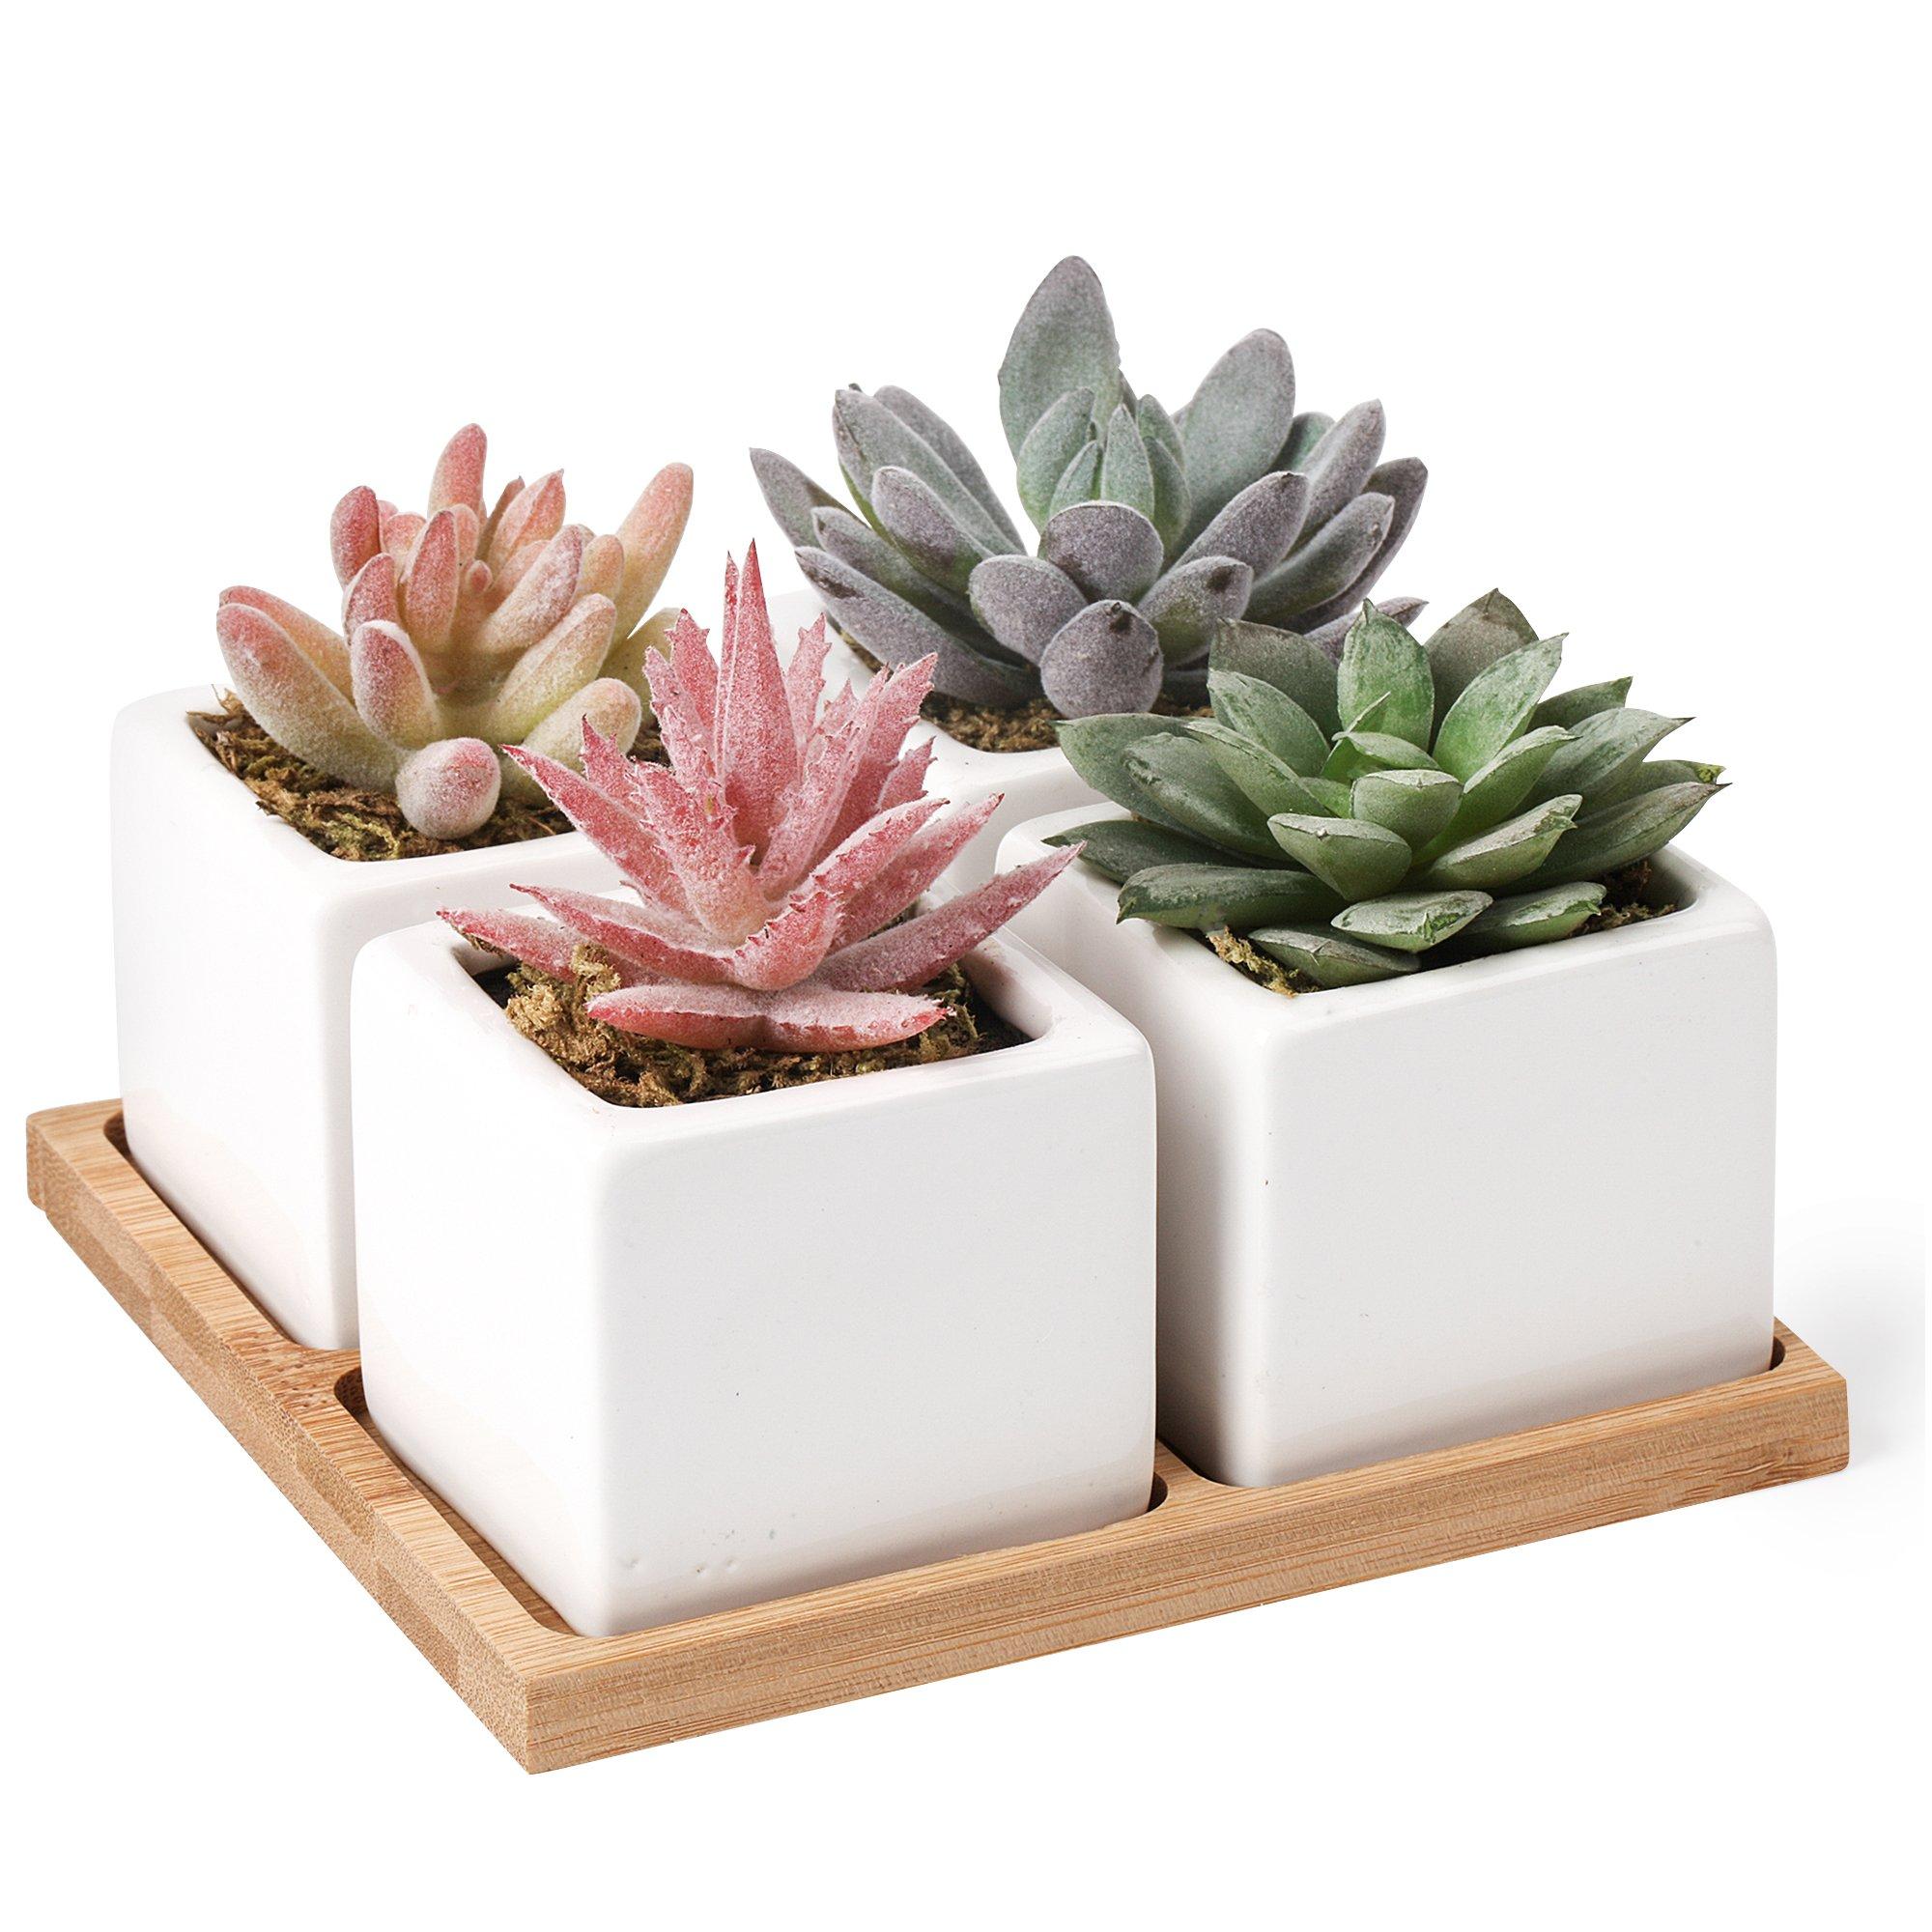 Artificial Succulent Plants Potted - Fake Succulents - Set of 4 - Home, Bath, Office Decor - Faux Potted Plants - Decorative centerpieces Pots for Table, Bedroom, Patio, Bathroom, Shelf